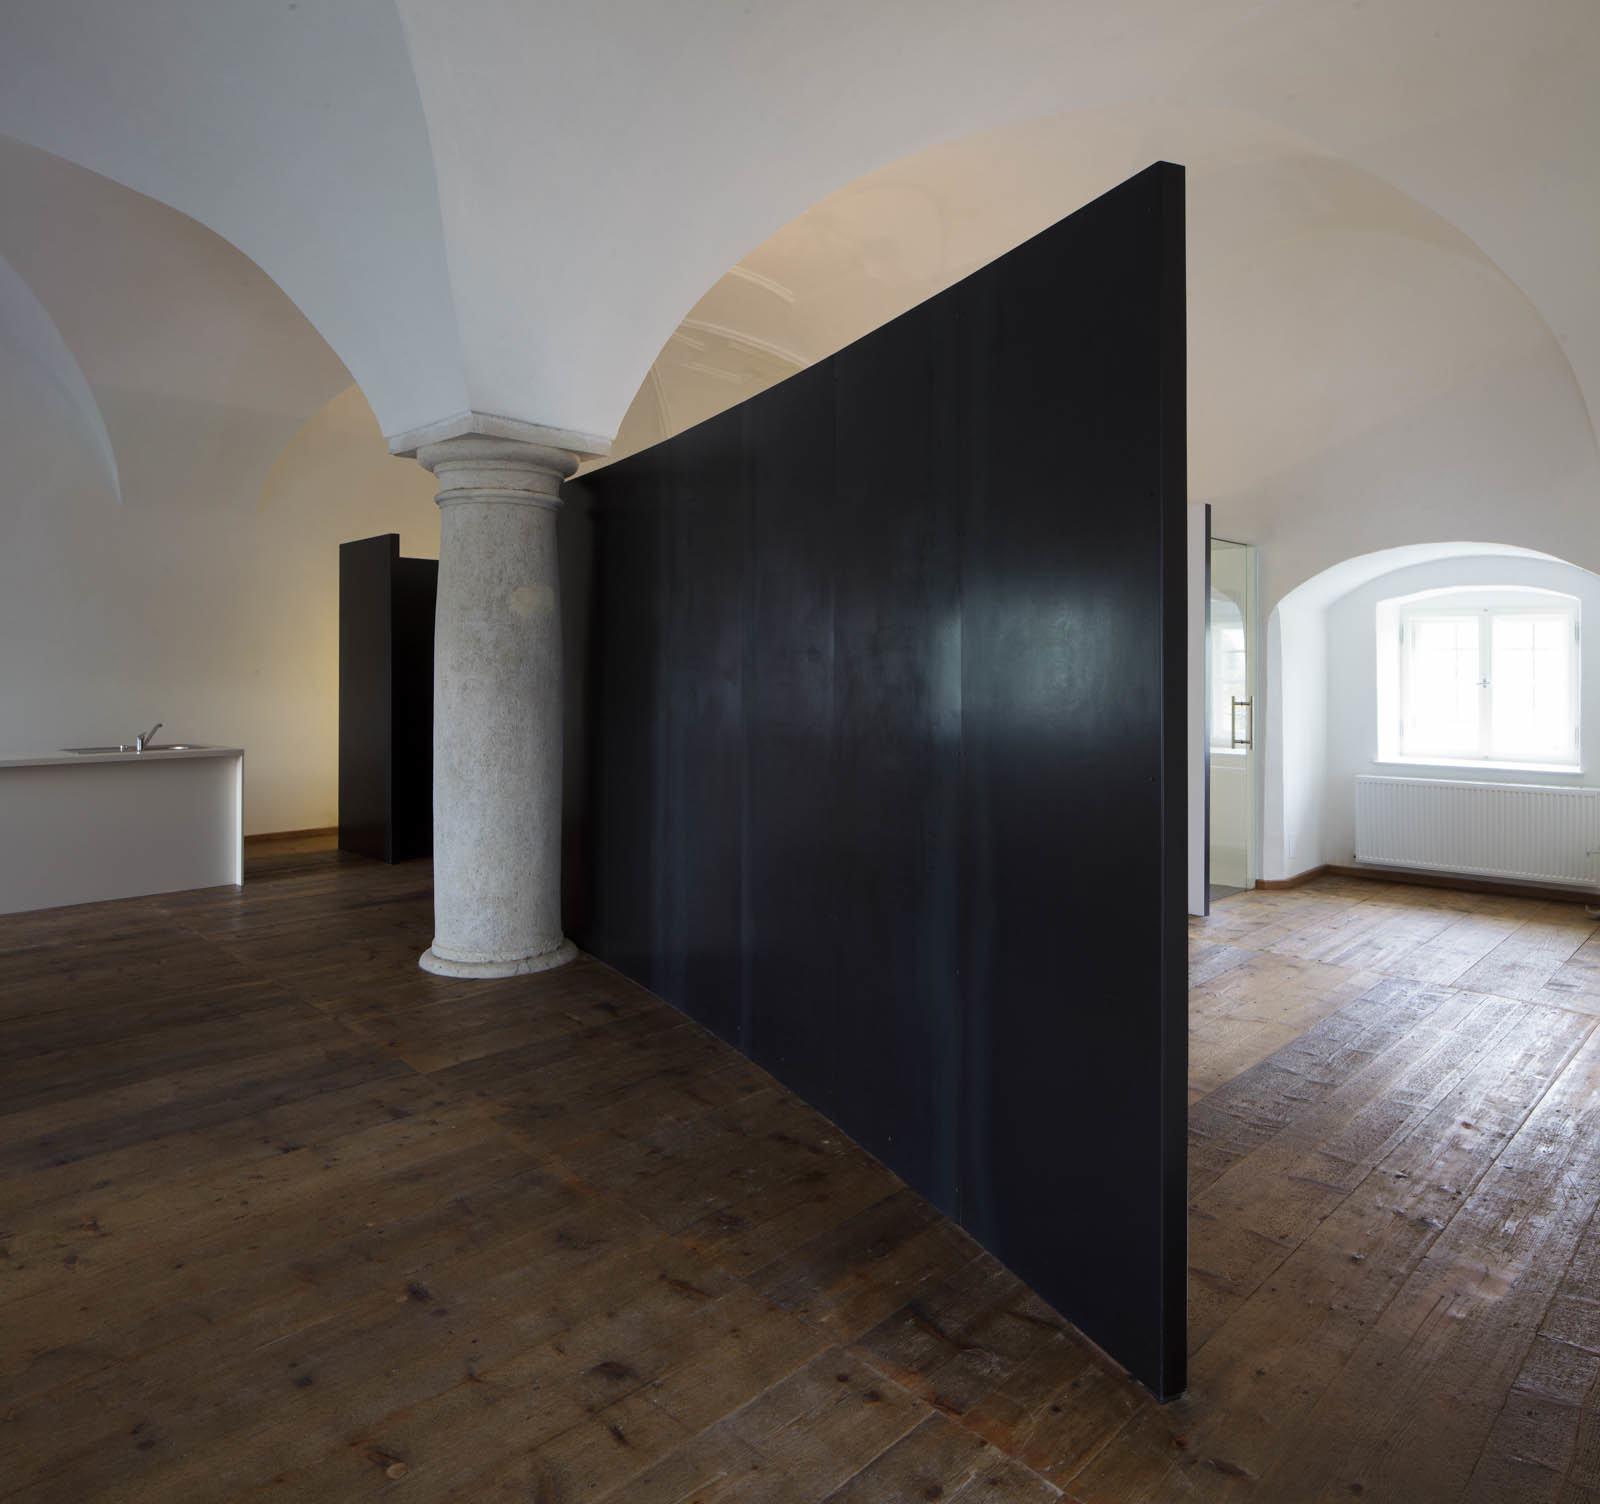 Wehrturm Steinabrunn, Michael Schwaiger